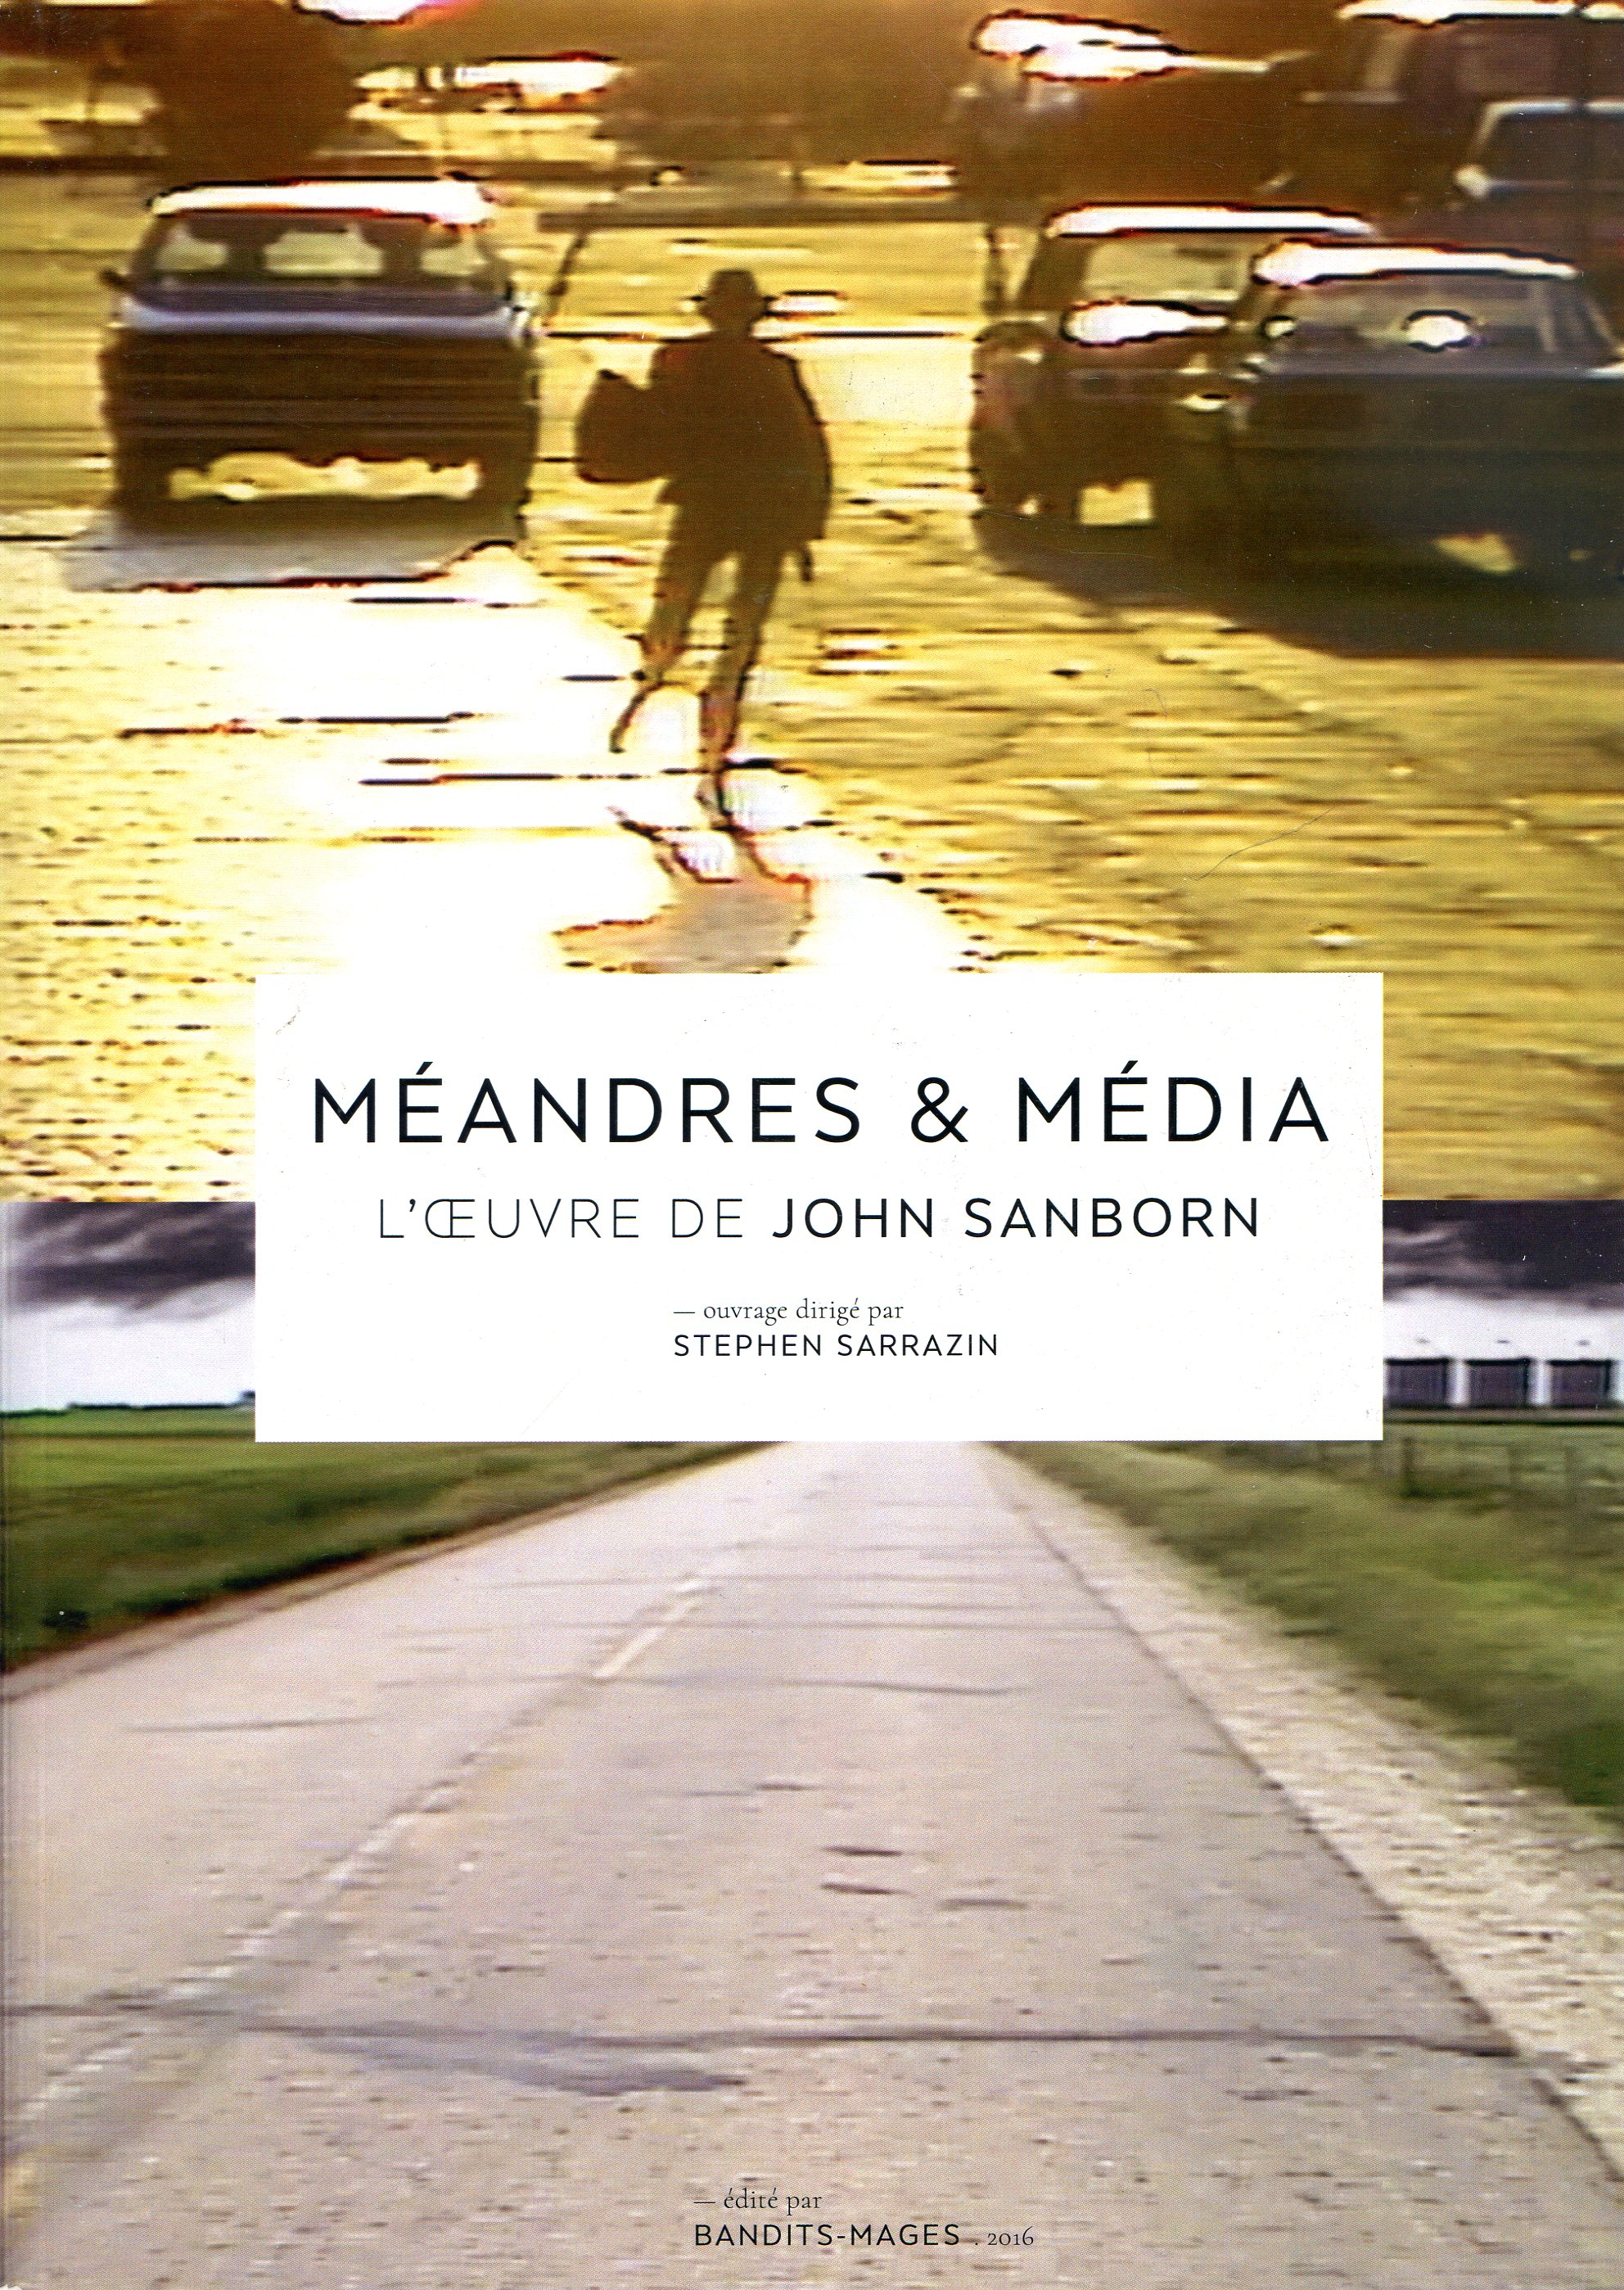 MÉANDRES & MÉDIA